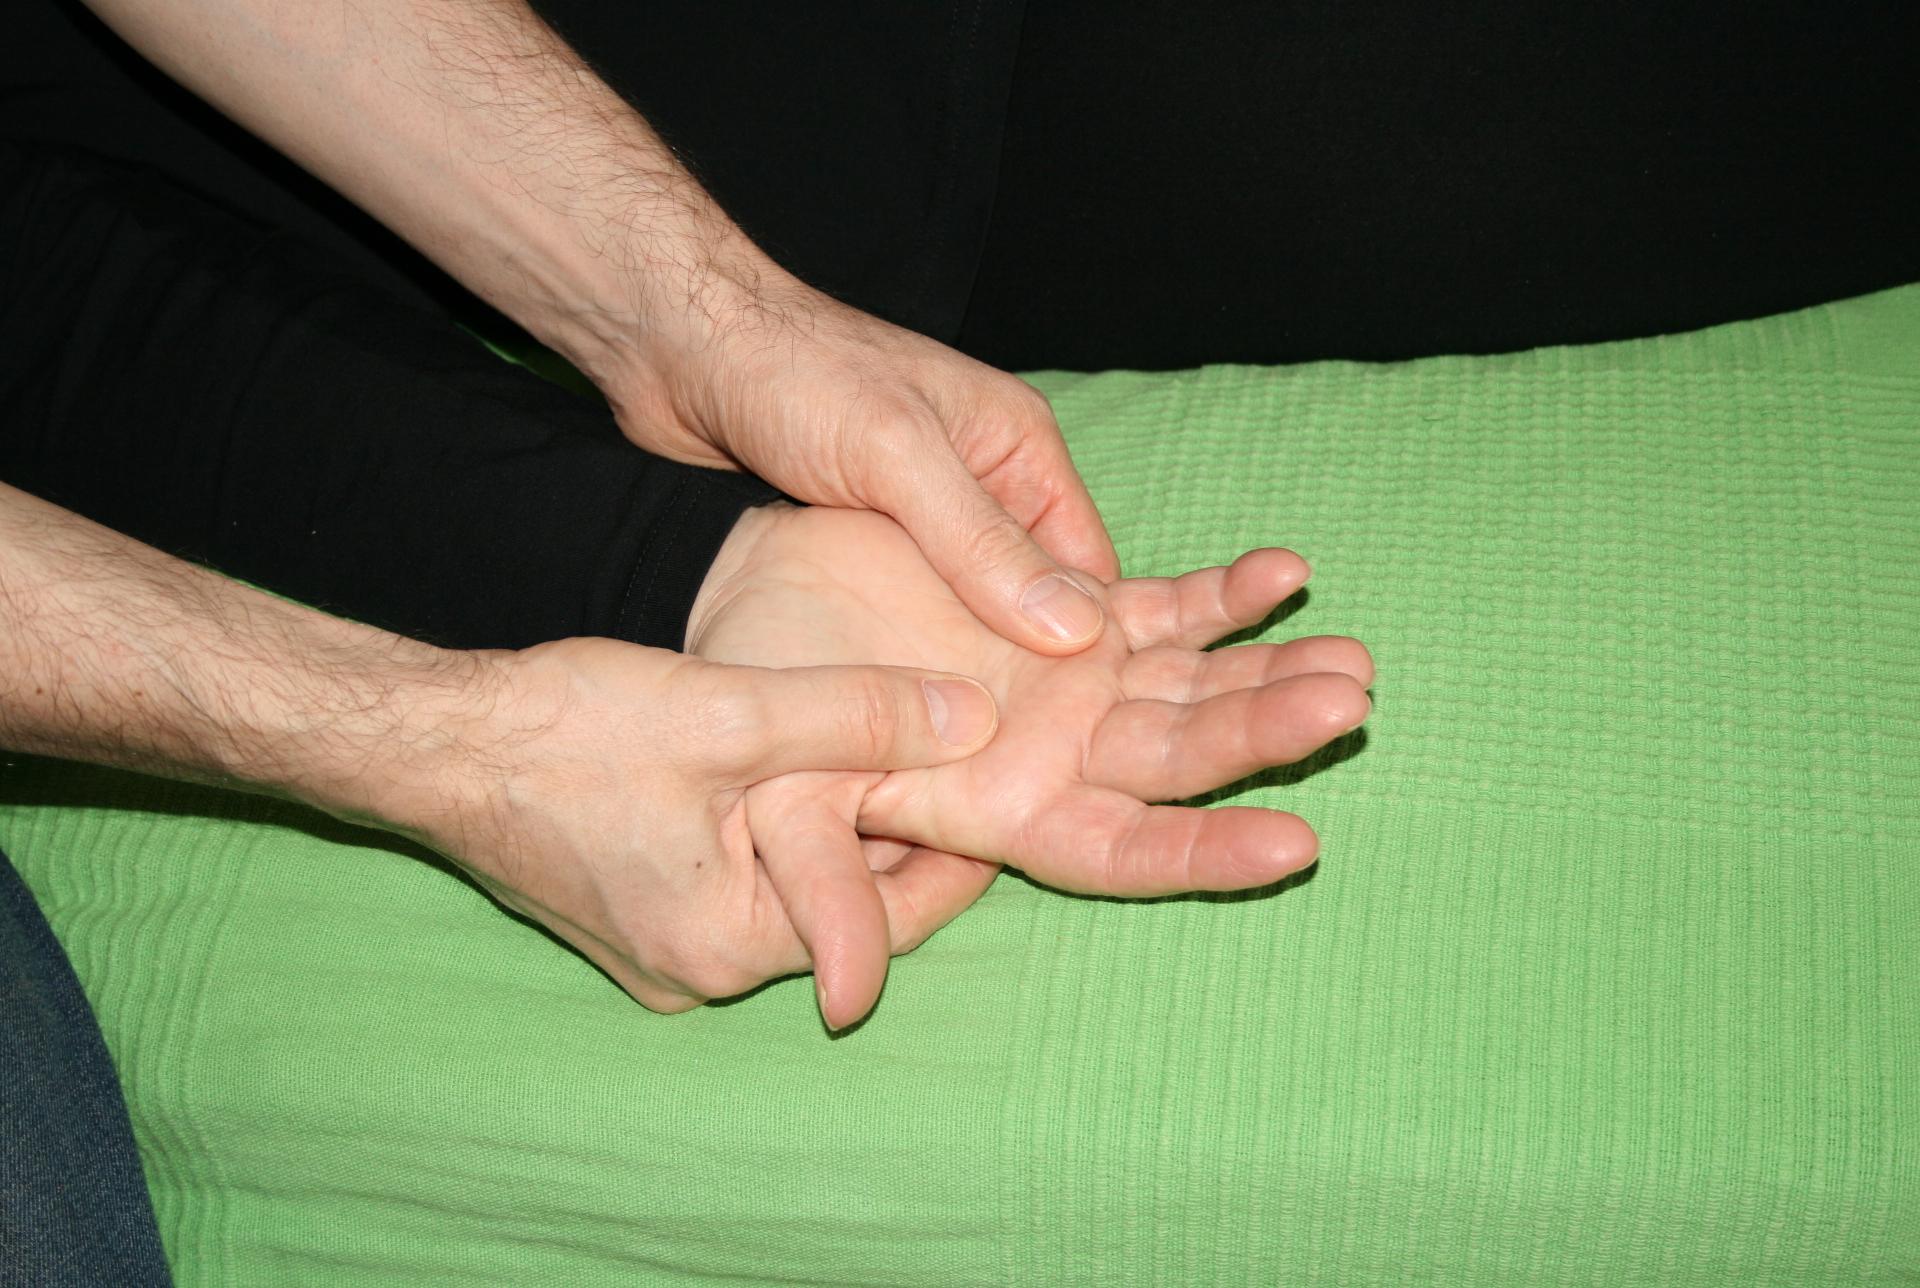 Billedet viser en en klient, der får behandling mod smerter i hånden.